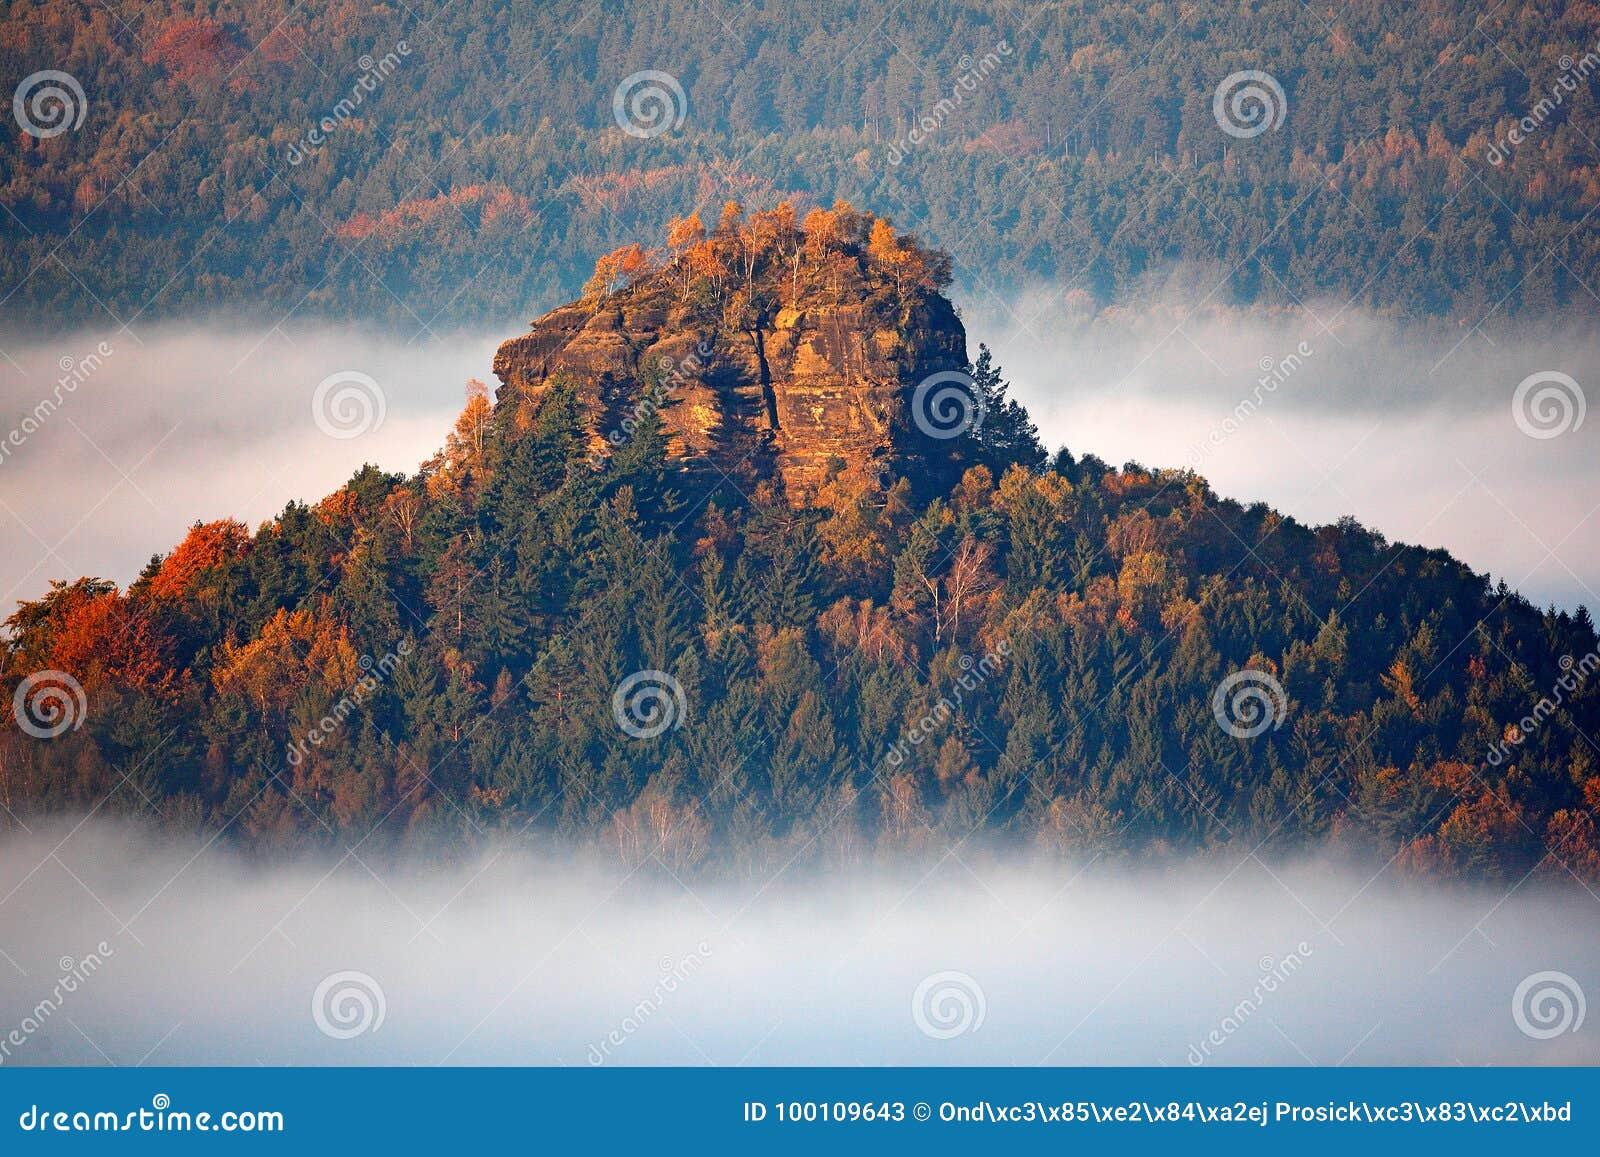 Το Zirkelstein με τα δέντρα φθινοπώρου στην ομίχλη καλύπτει, άσπρα κύματα, ομιχλώδες πρωί σε μια κοιλάδα πτώσης της Σαξωνίας Ελβε